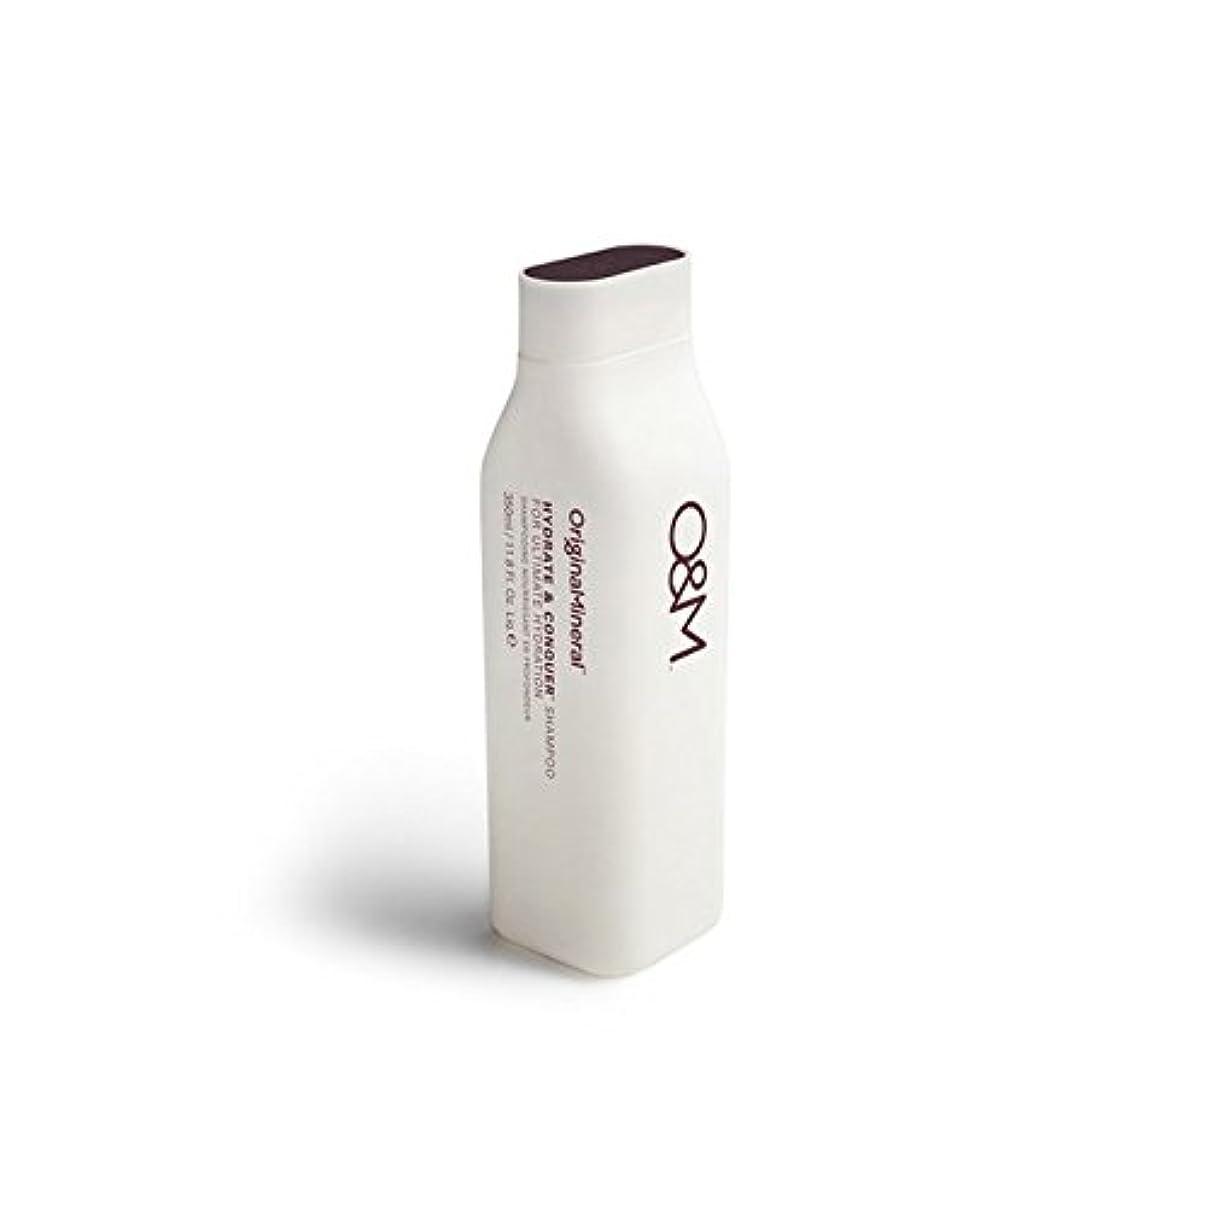 繰り返したプレゼンテーションパラシュートオリジナル&ミネラル水和物及びシャンプー(350ミリリットル)を征服 x2 - Original & Mineral Hydrate And Conquer Shampoo (350ml) (Pack of 2) [並行輸入品]